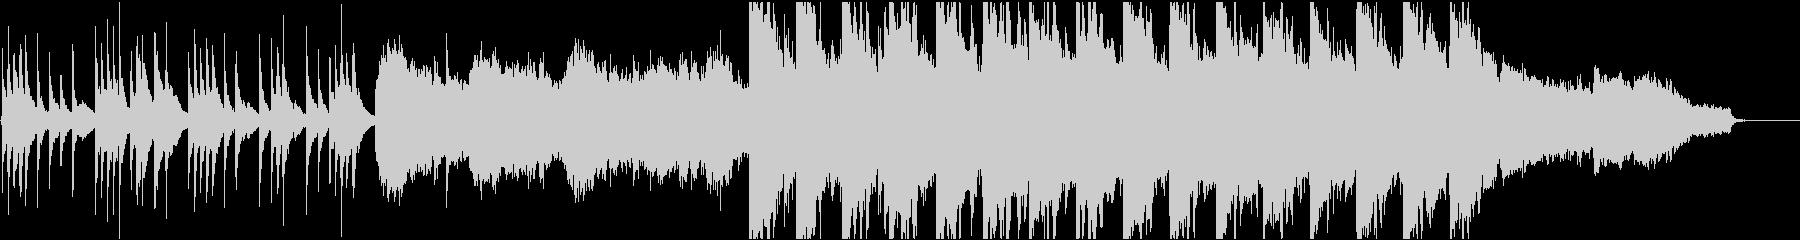 企業VP30 16bit48kHzVerの未再生の波形